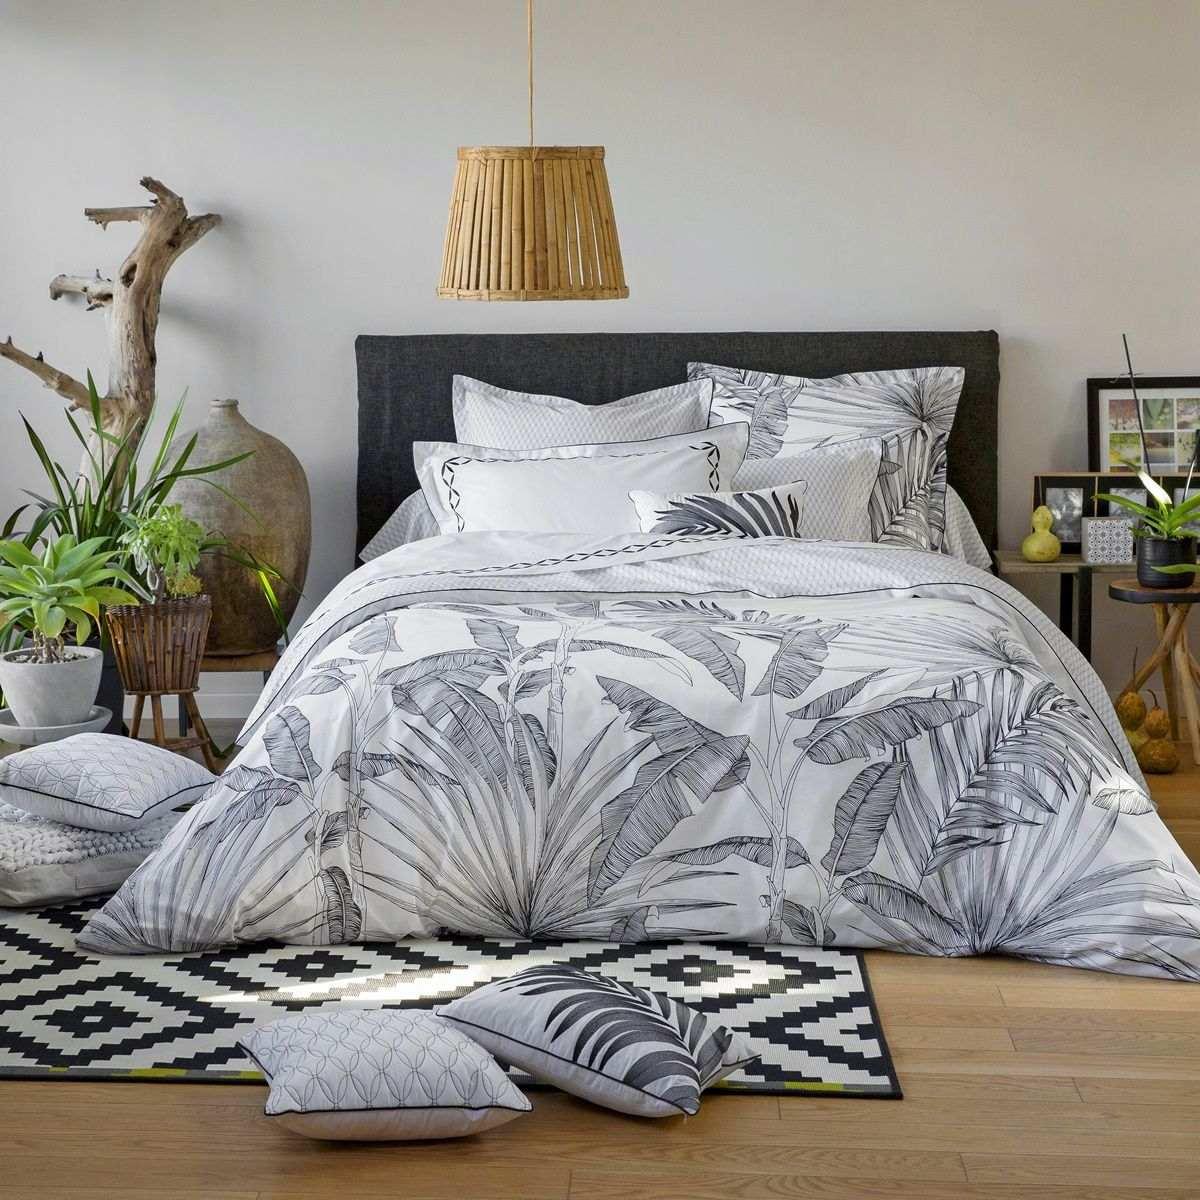 Tropical | Bed Linen | Tradition Des Vosges